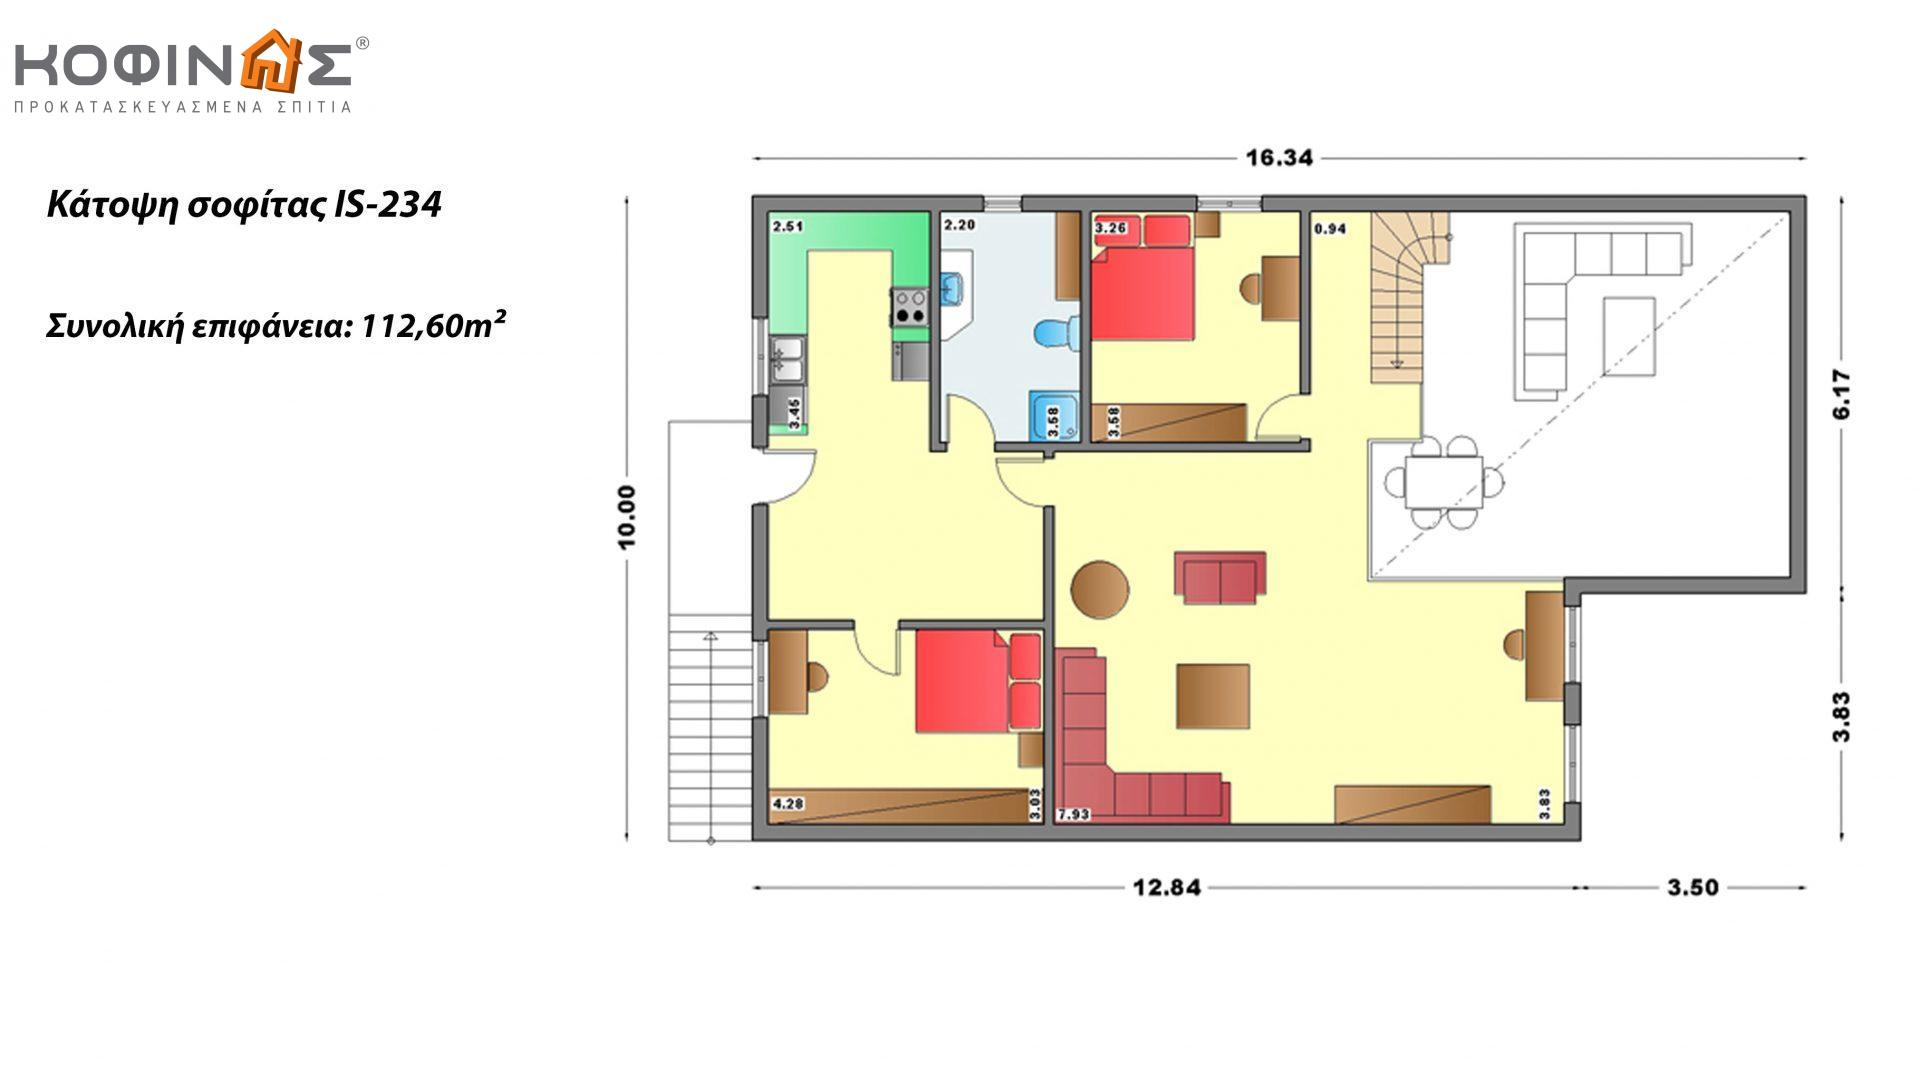 Ισόγεια Κατοικία με Σοφίτα IS-234,συνολικής επιφάνειας 234,80τ.μ.